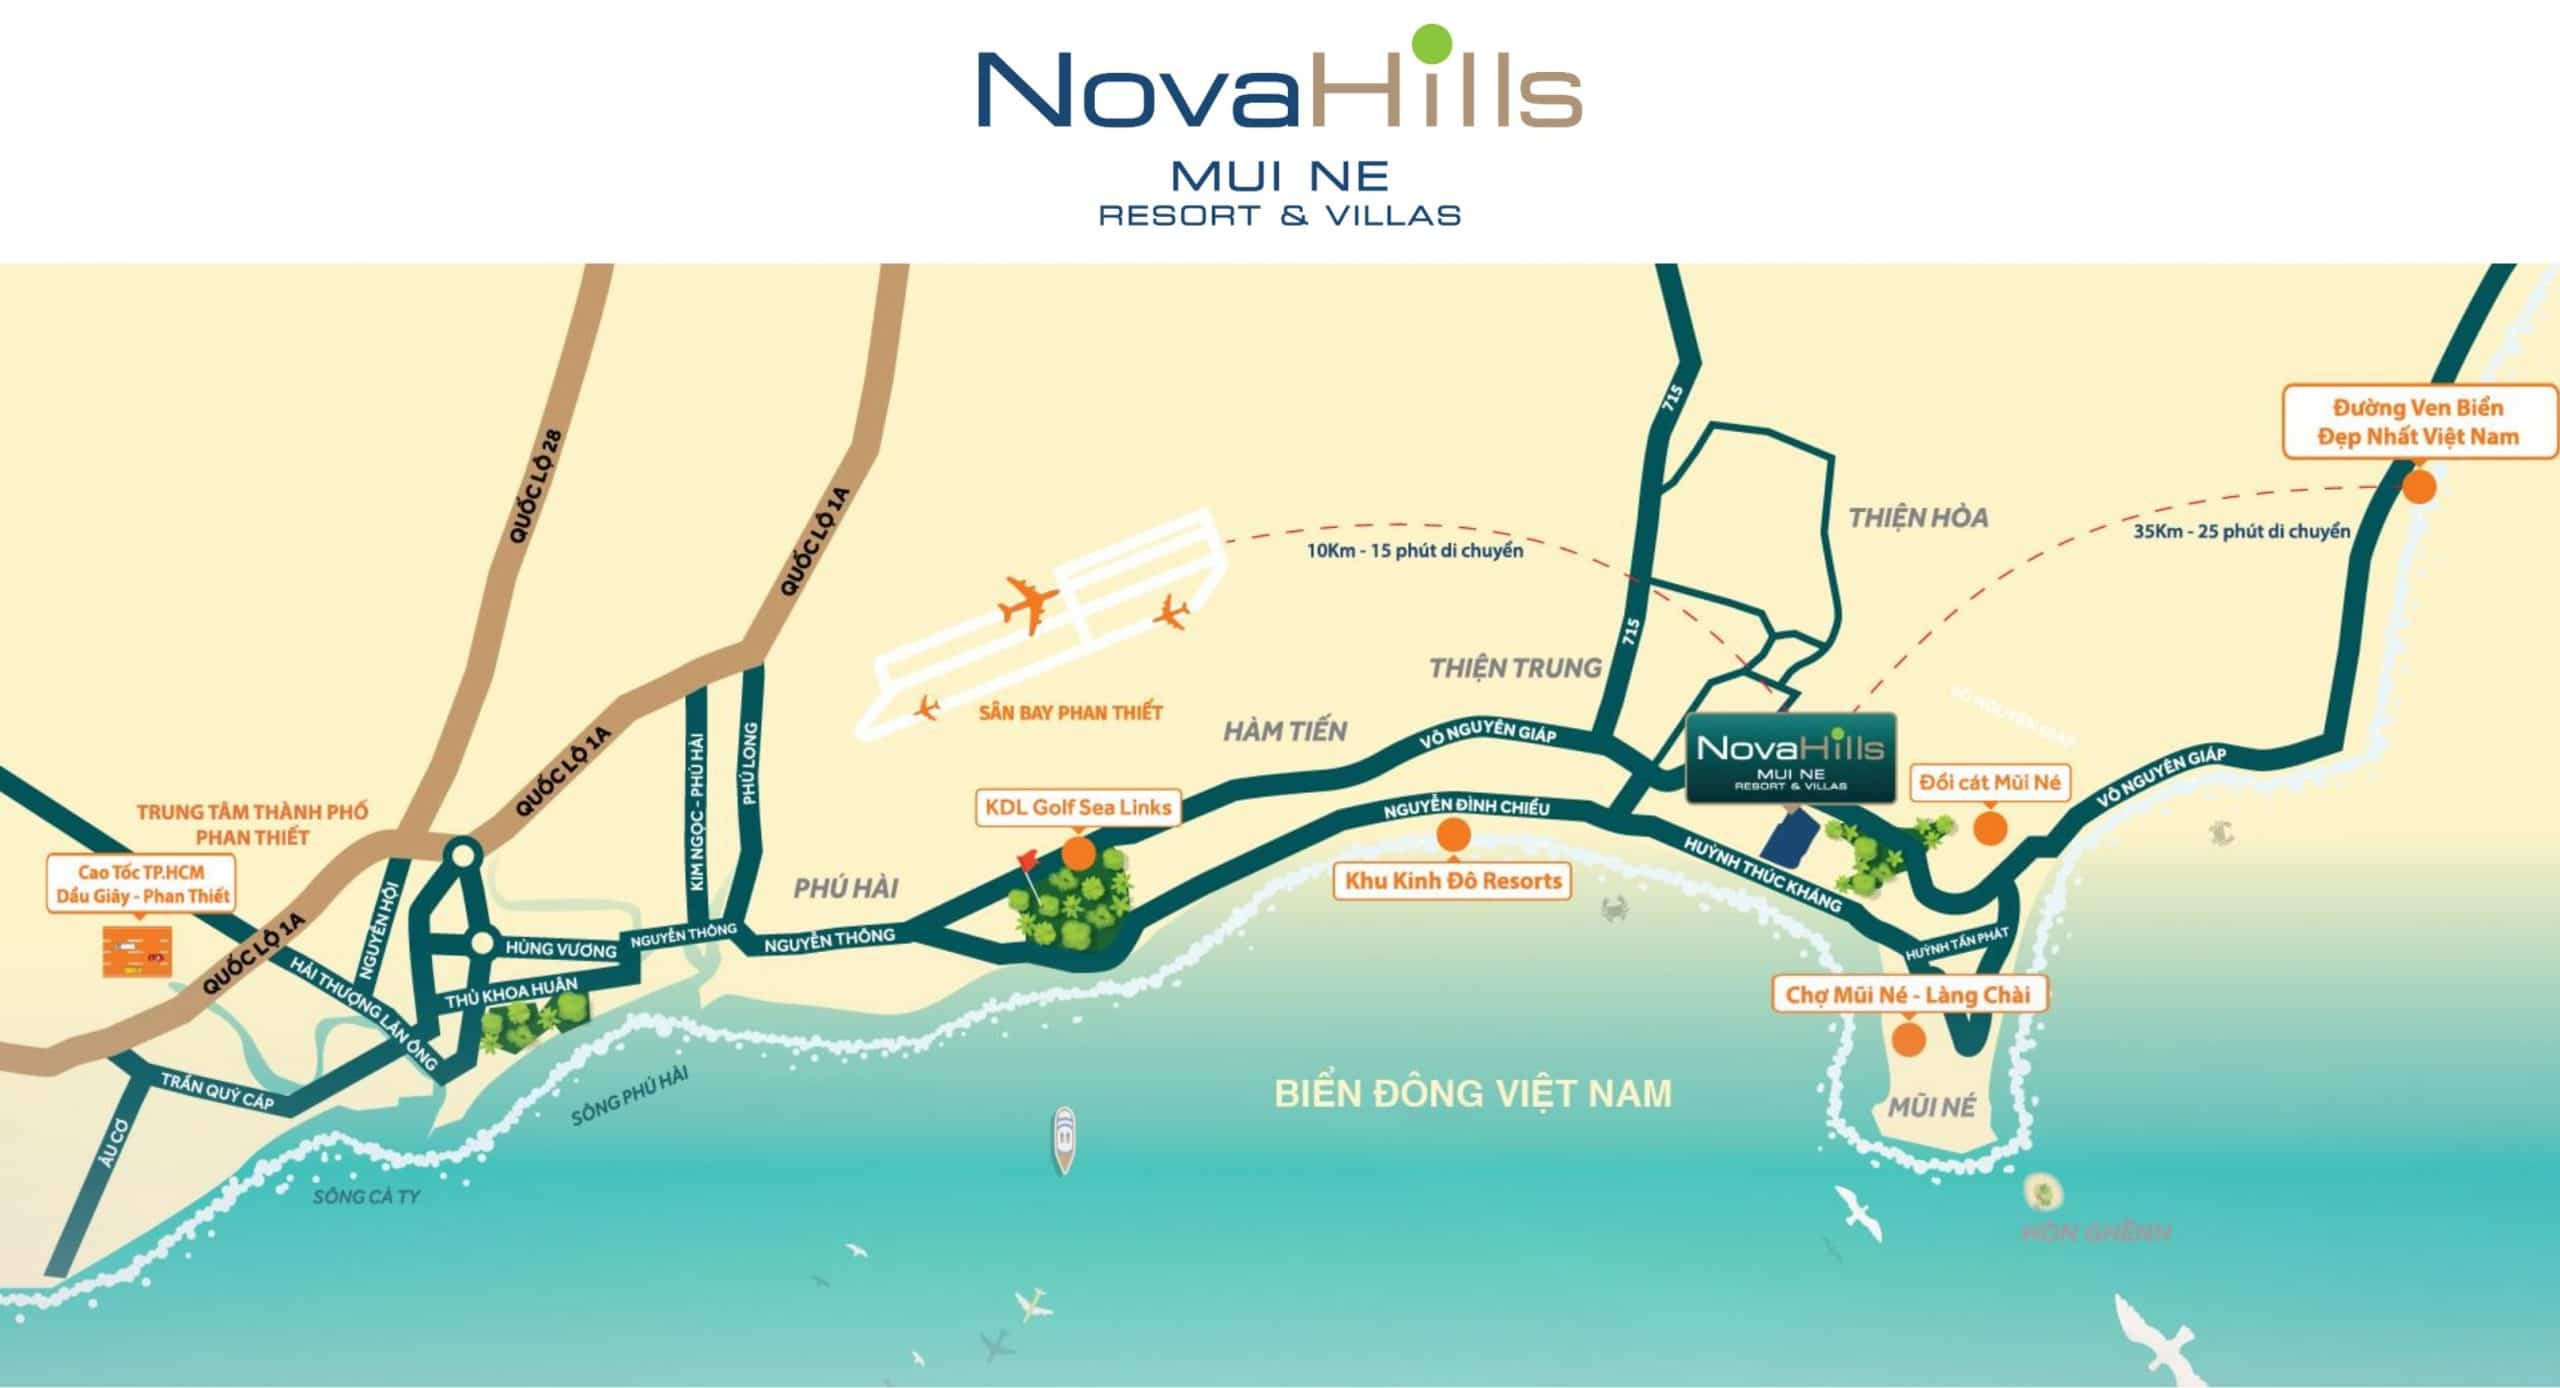 Biệt thự biển Hồ Tràm, Phan Thiết & Mũi Né - Tập đoàn Novaland 3